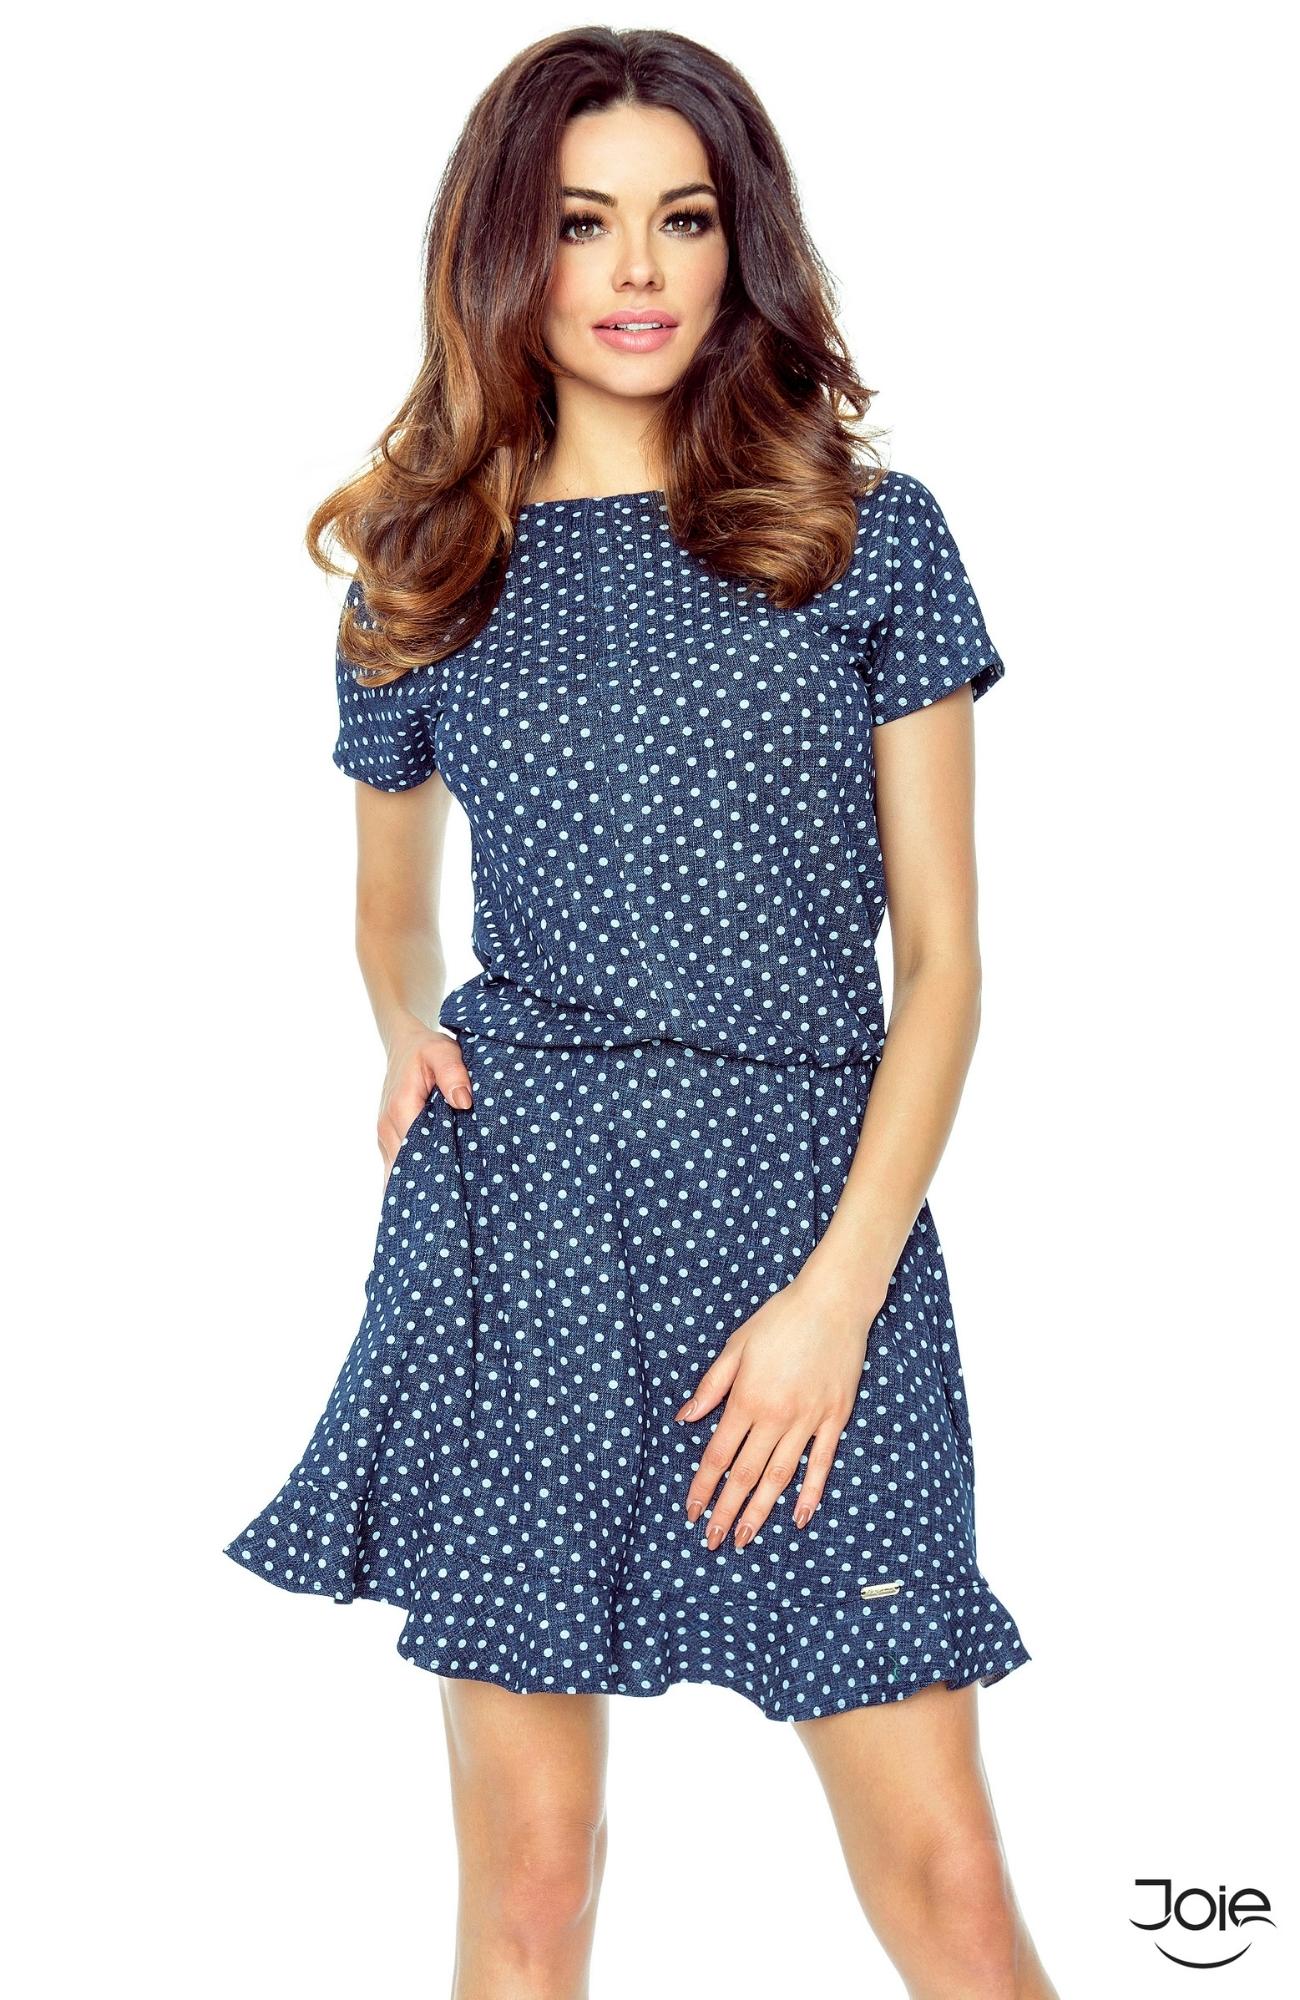 642b0f6b267b Modré dámske šaty s bodkami áčkového strihu 63-04 zväčšiť obrázok